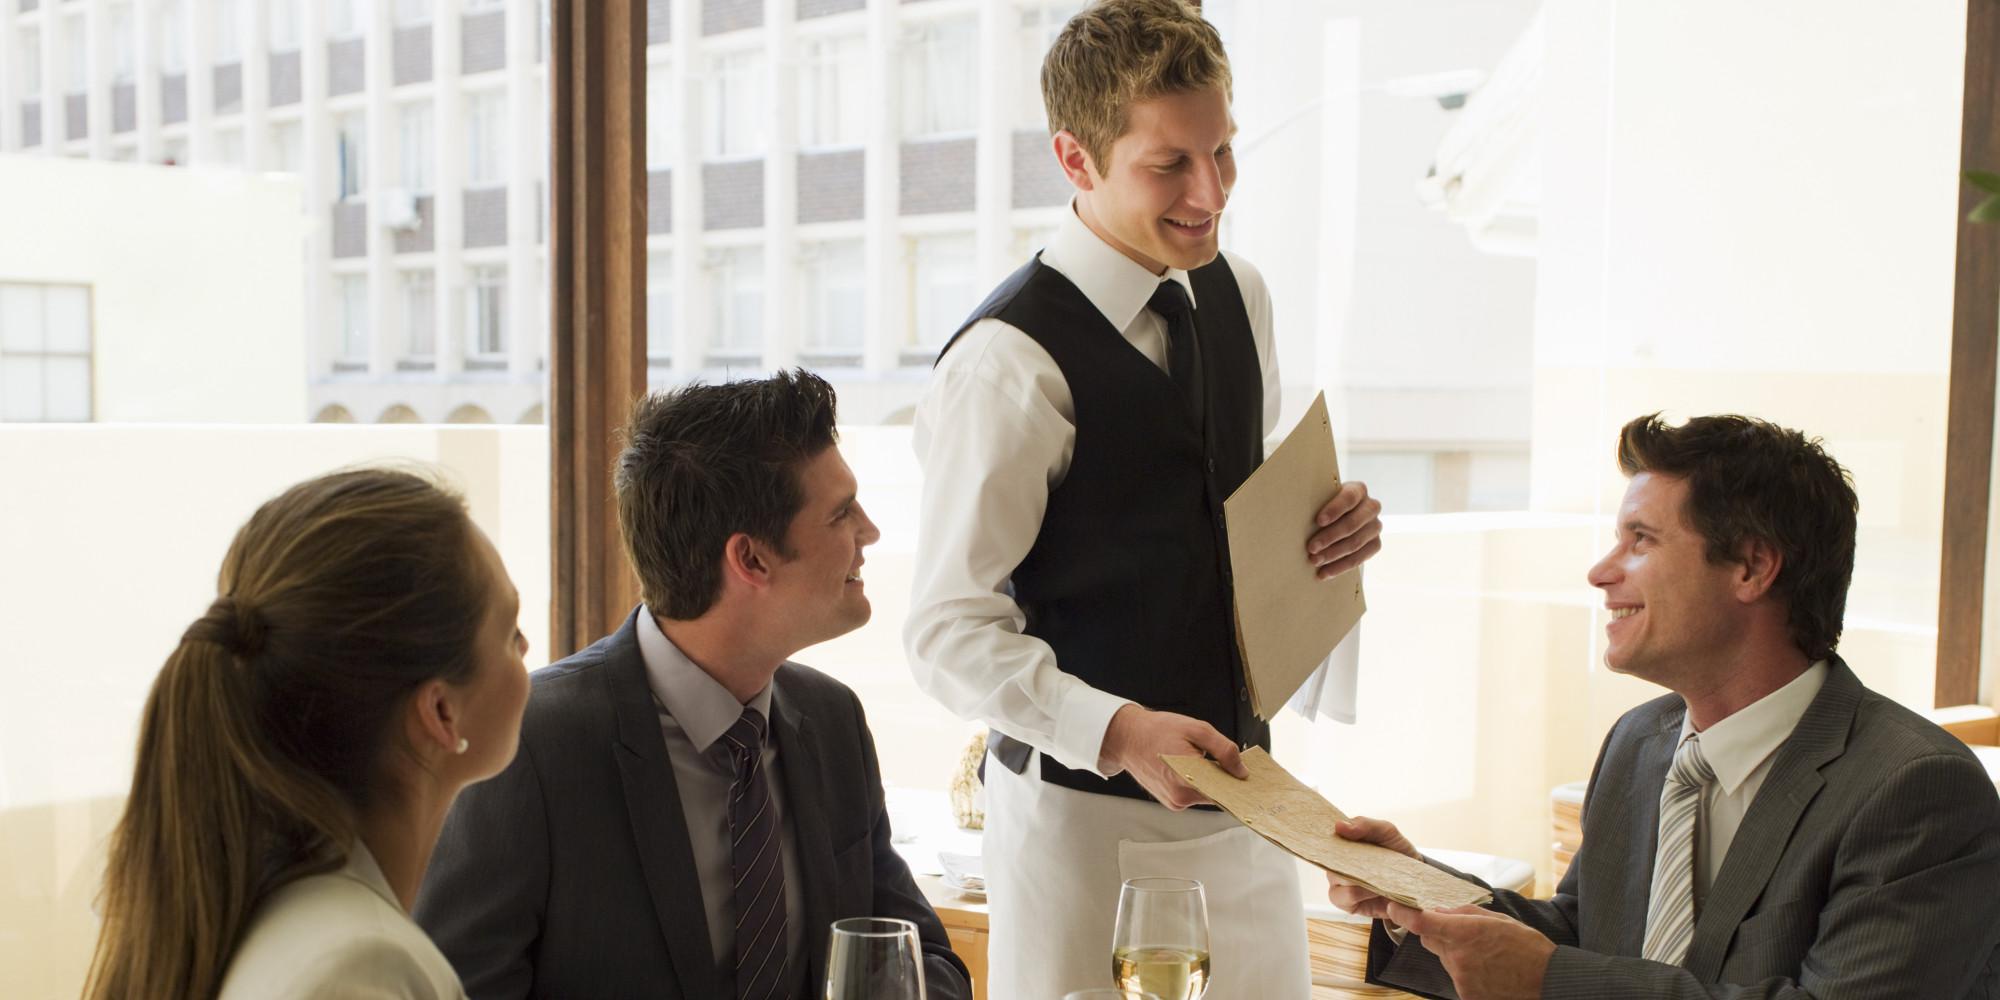 Le Service Du Repas Au Restaurant Limportance Des Mots